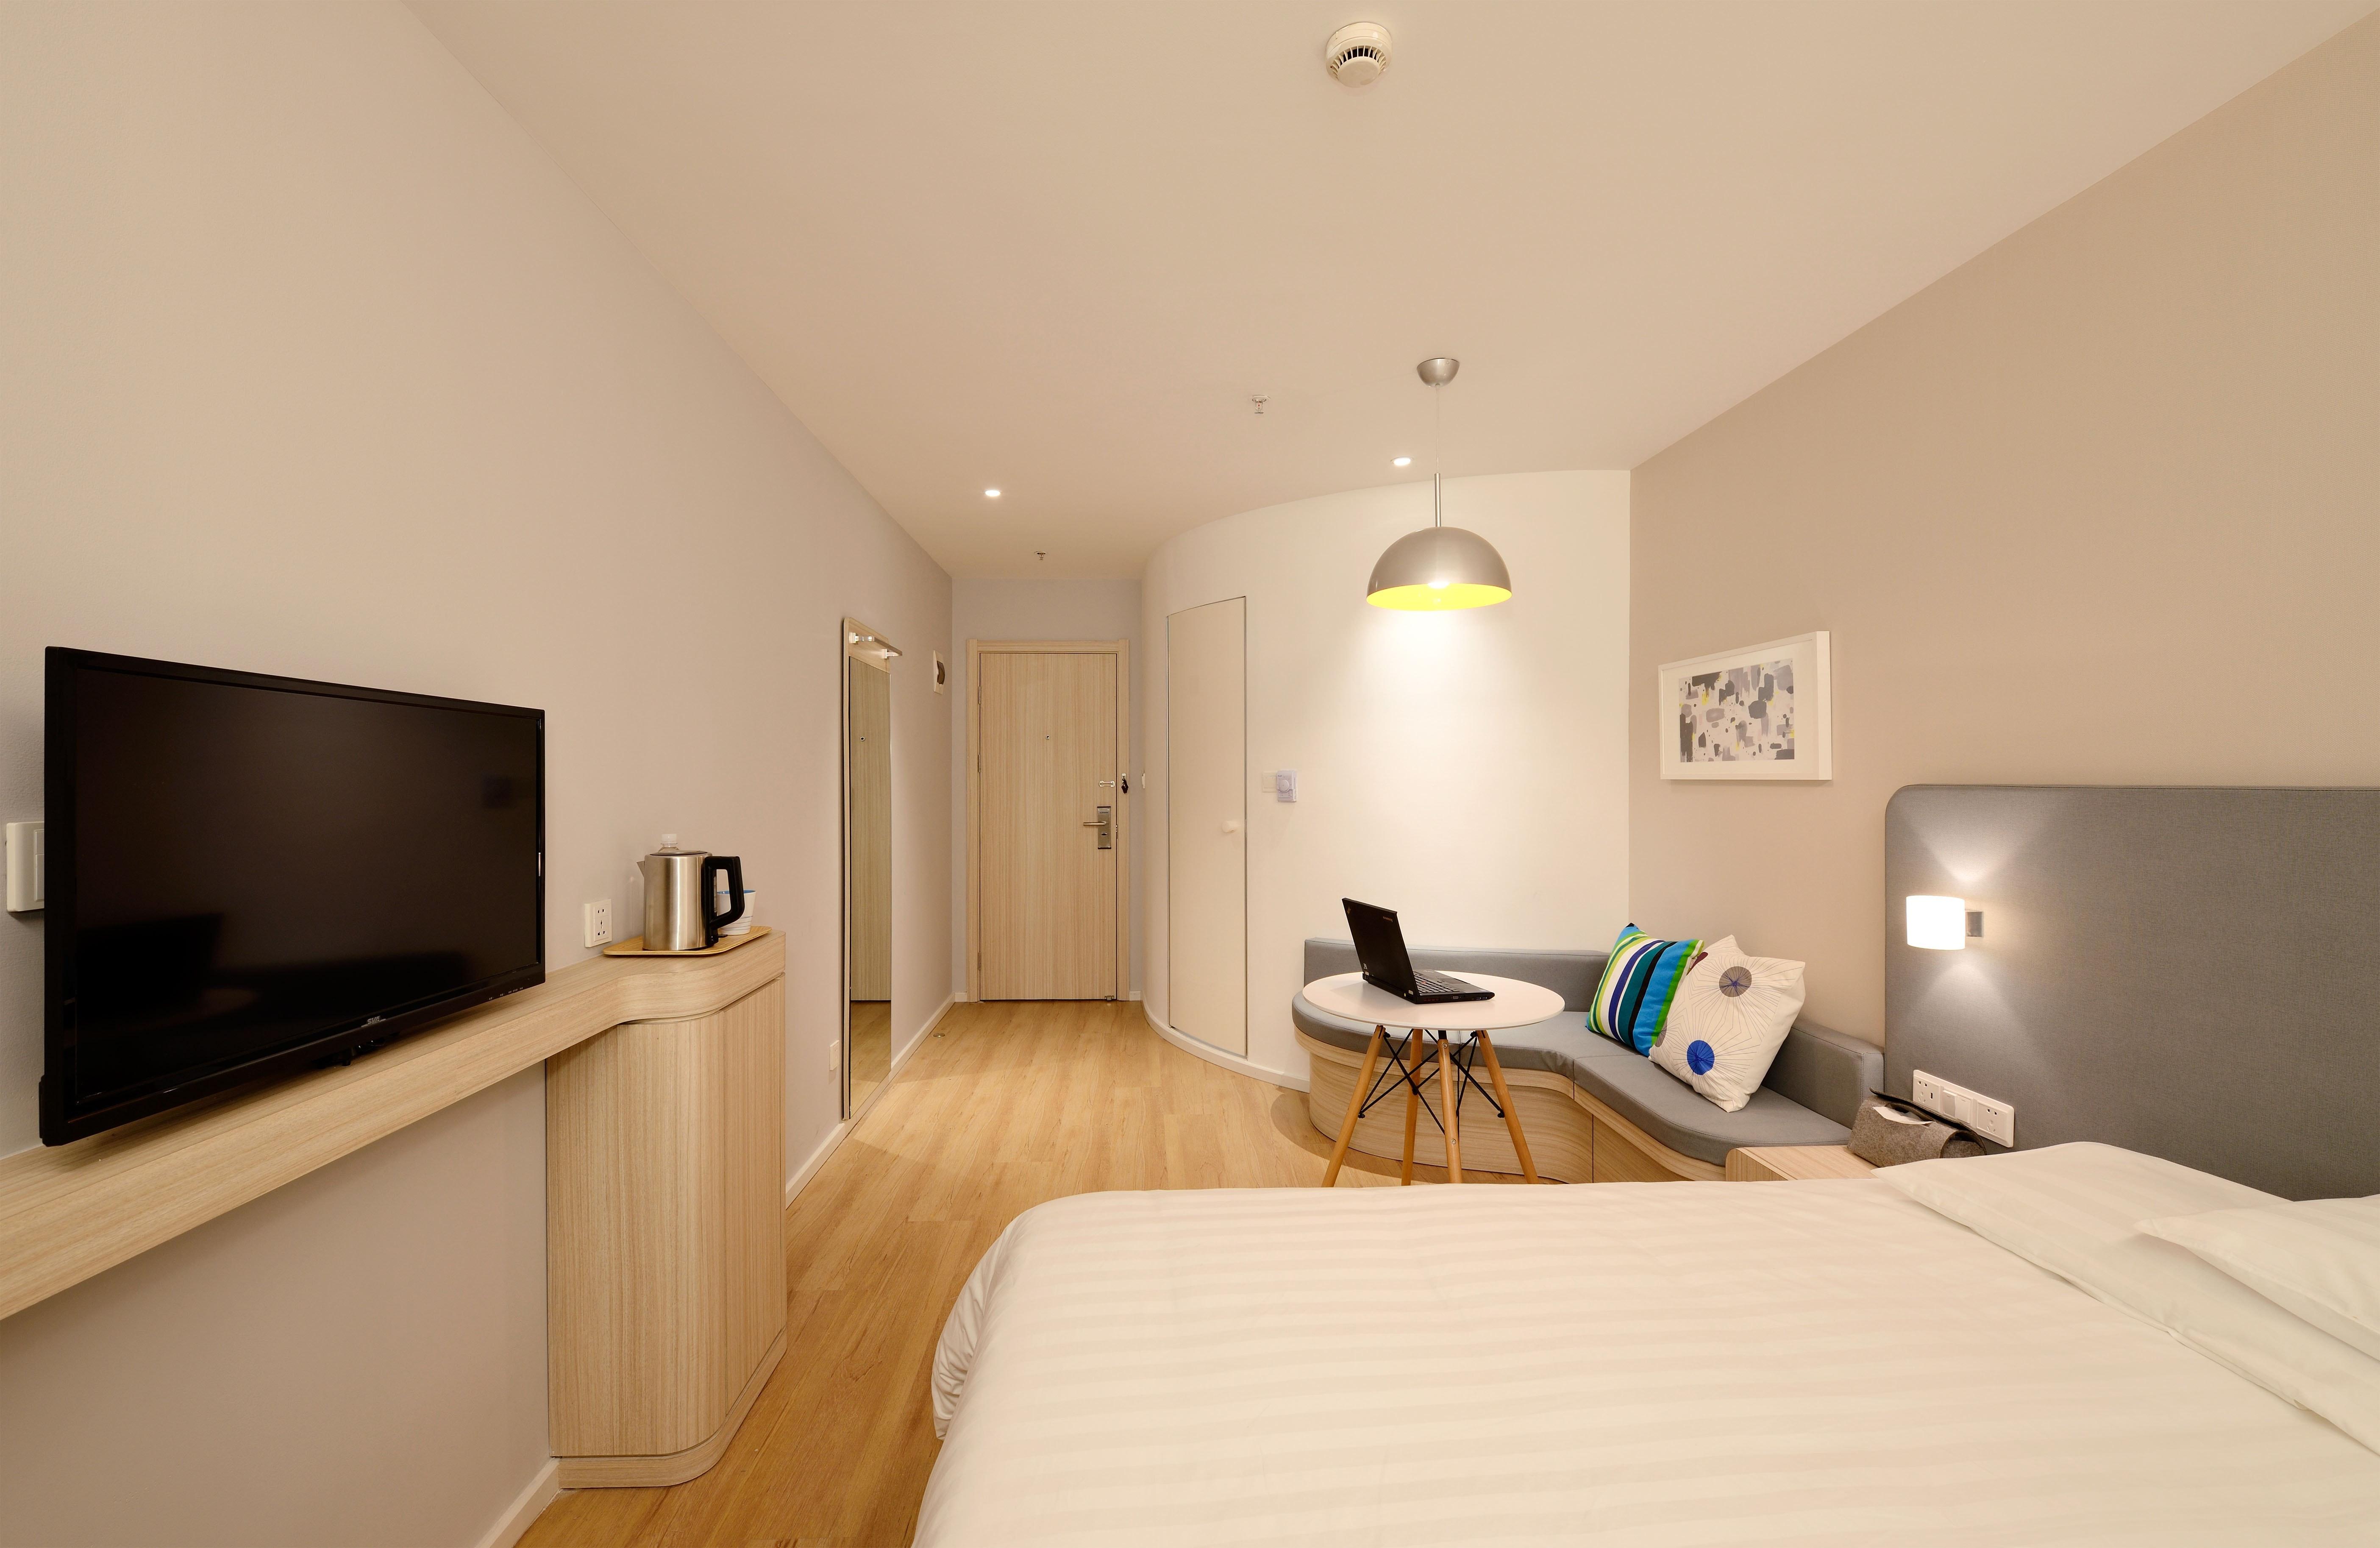 10 idee su dove posizionare la TV in camera da letto